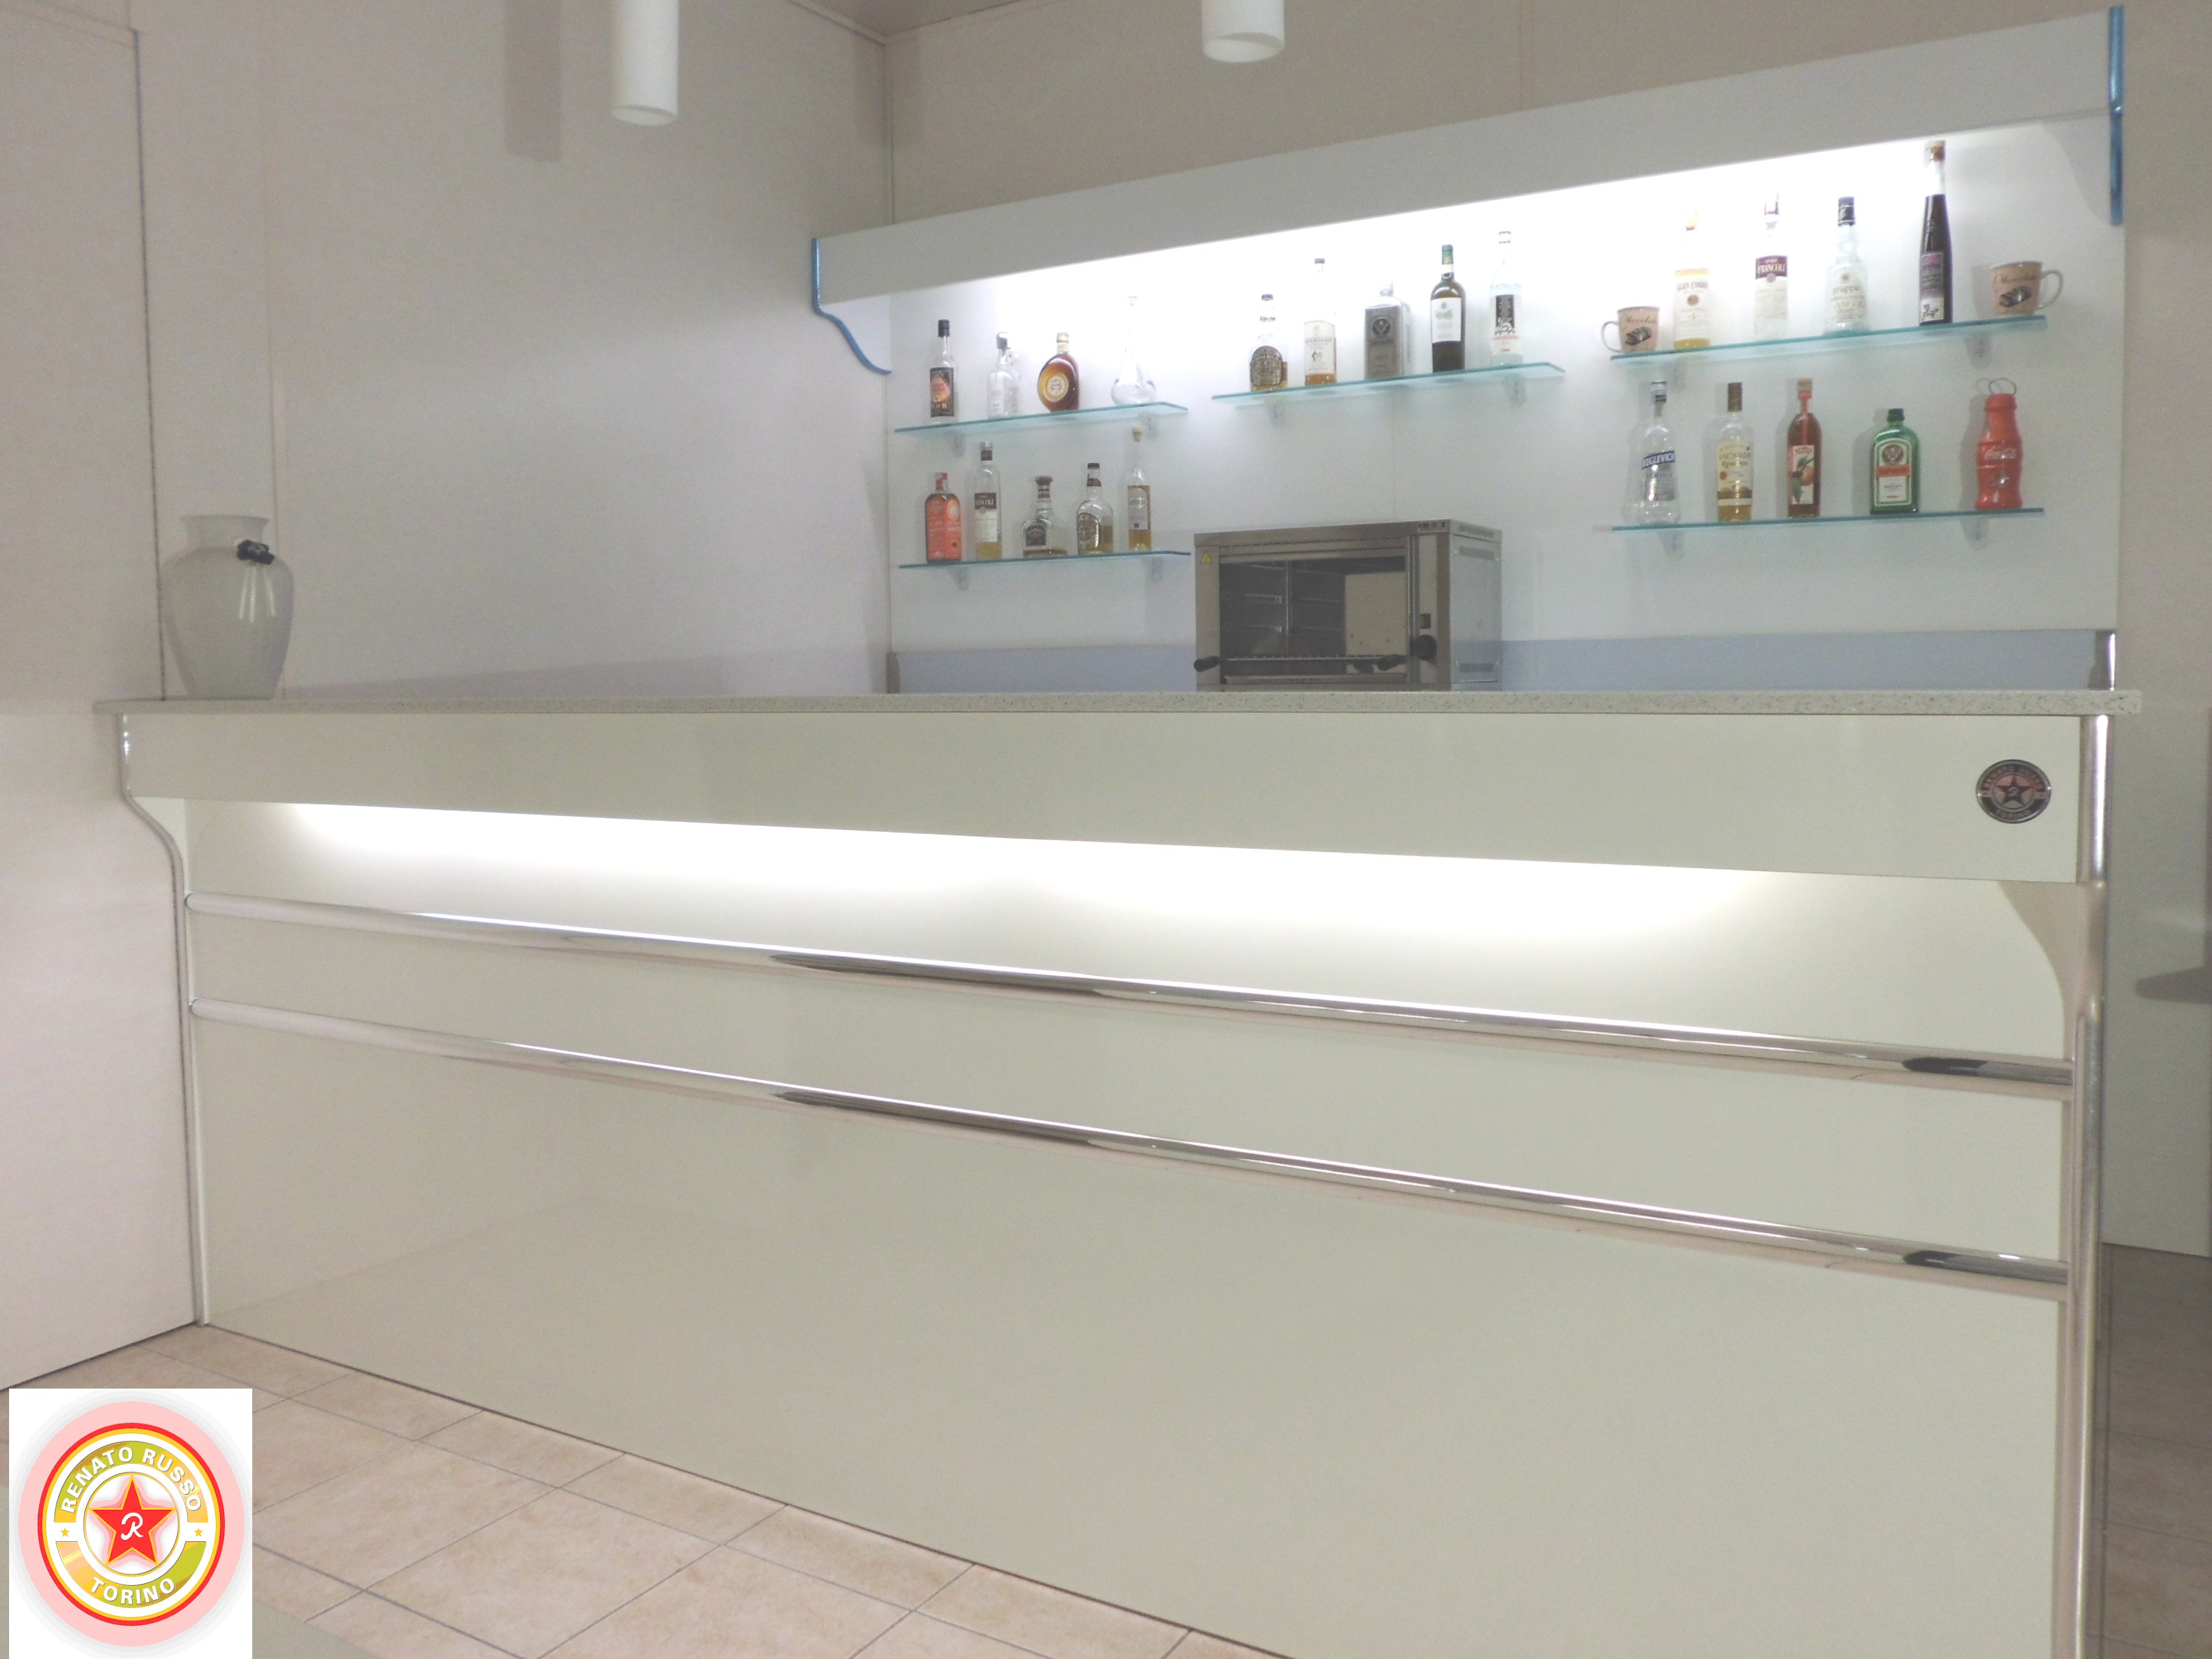 Banco bar milano compra in fabbrica banchi bar for Banconi bar milano